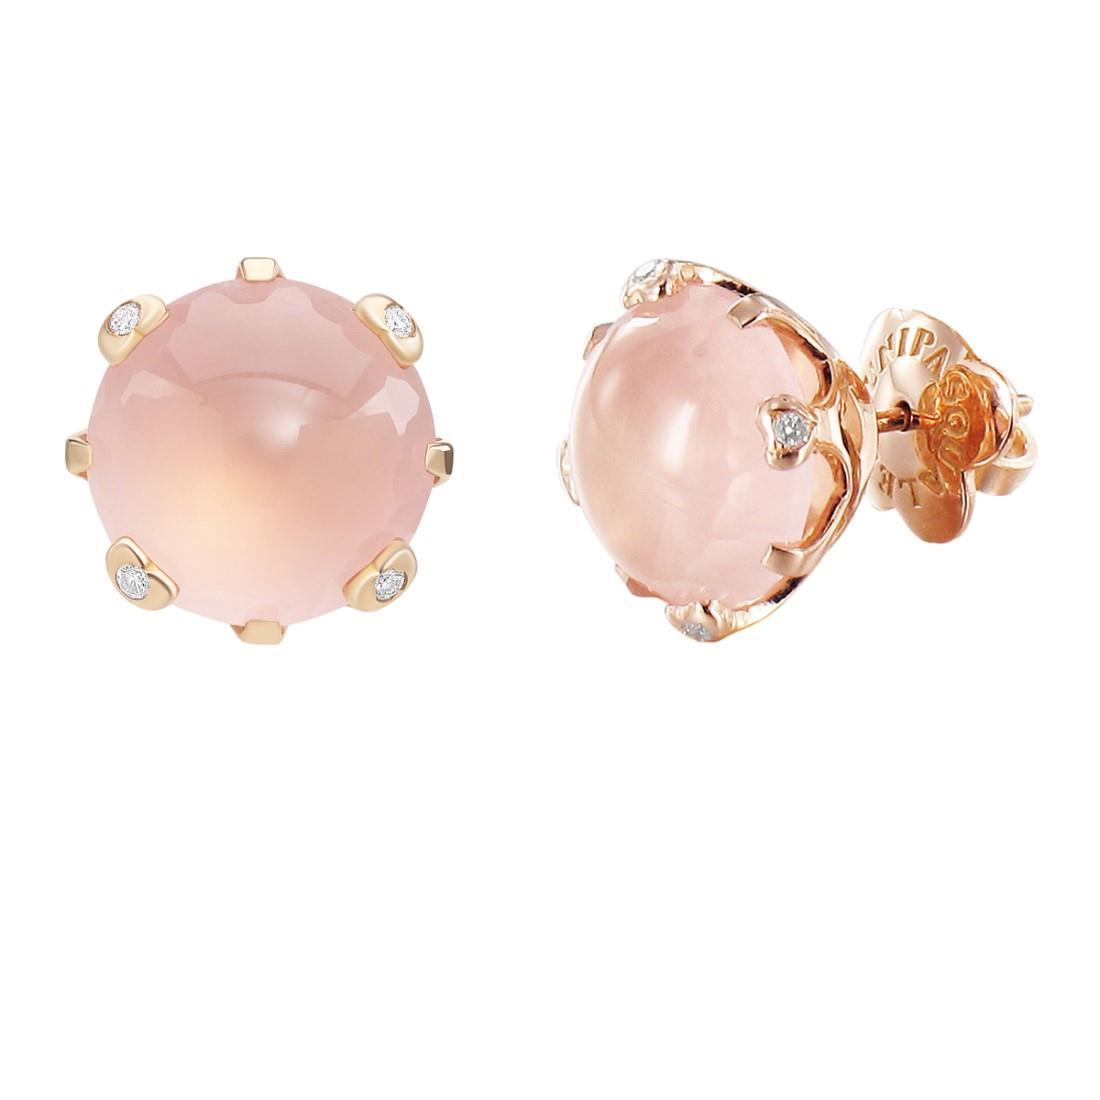 Orecchini con diamanti e quarzo rosa - PASQUALE BRUNI